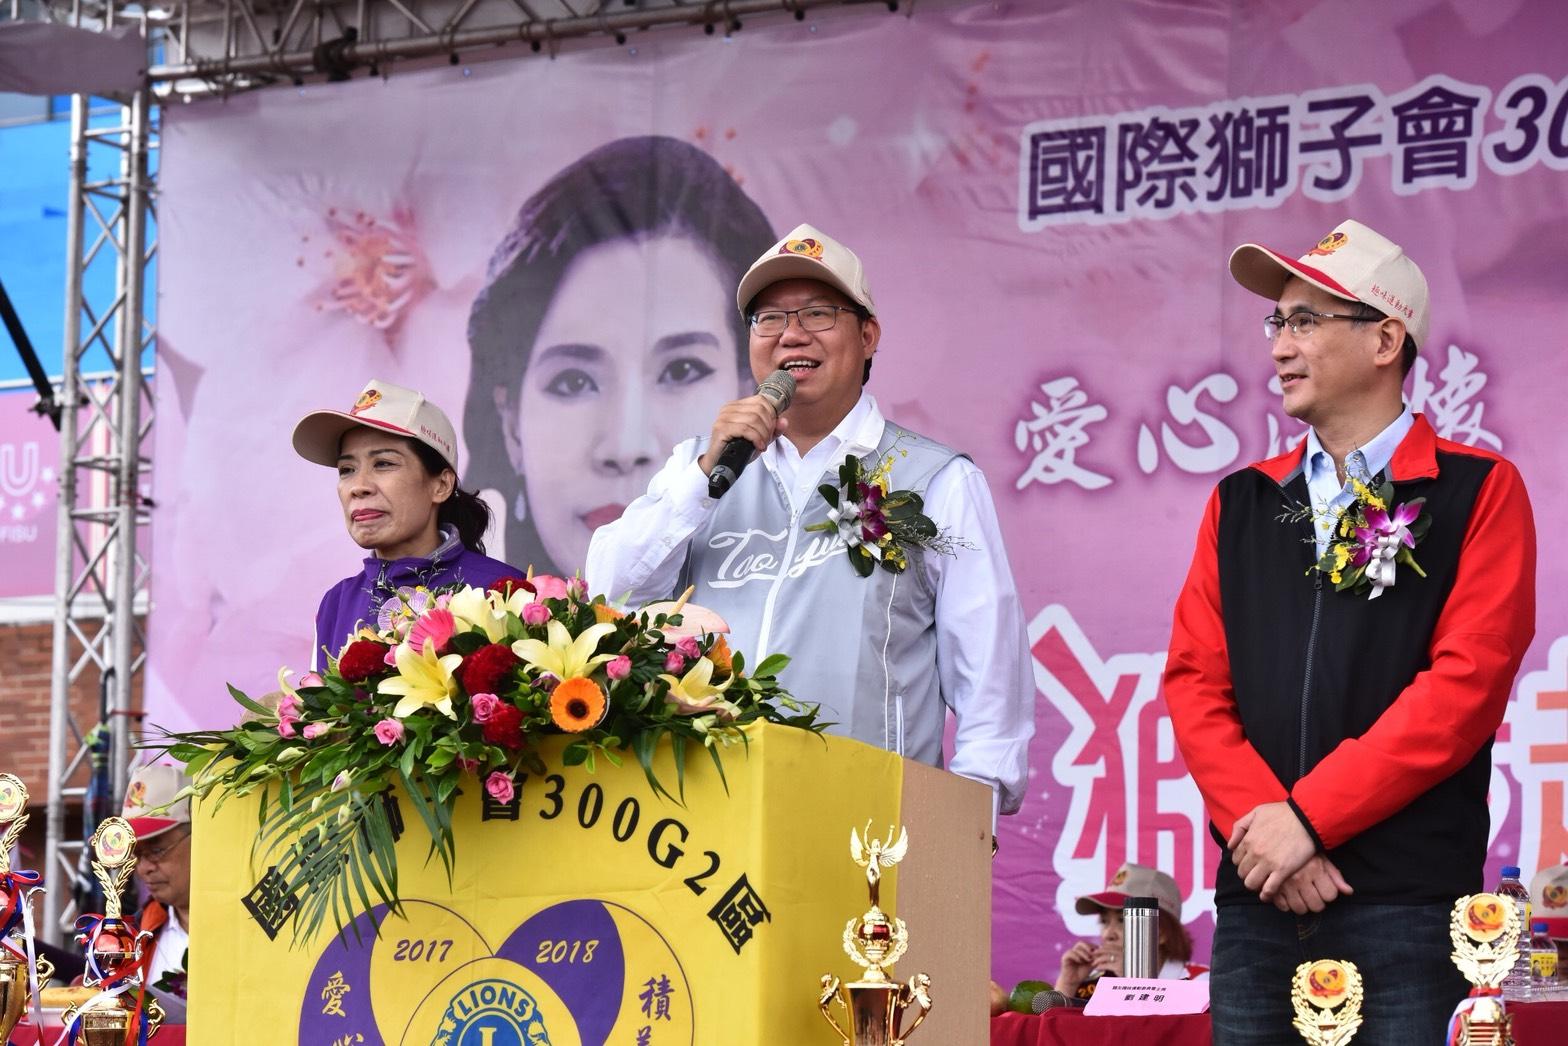 獅友趣味運動大會 鄭市長肯定國際獅子會300G2區貢獻|